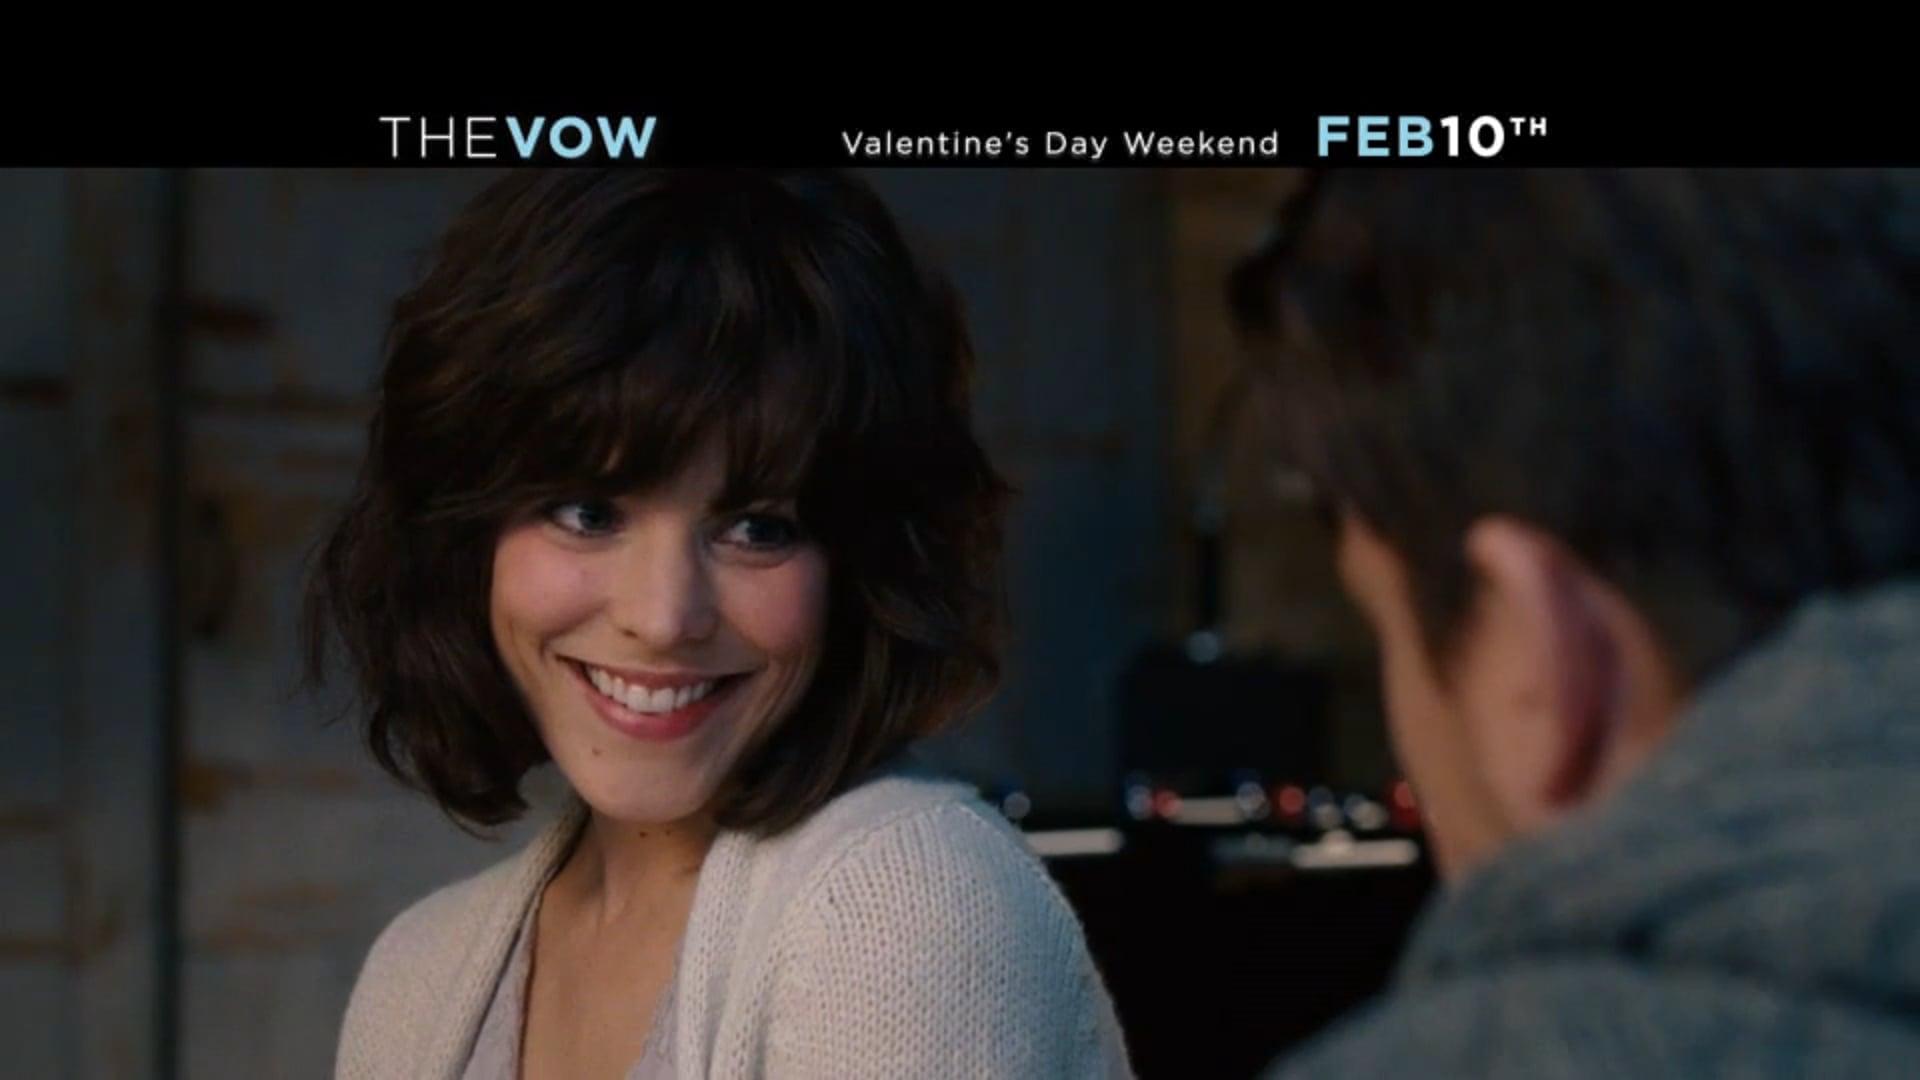 """TV - """"FOREVER"""" - Golden Trailer Award Winner: Best Romance TV Spot"""